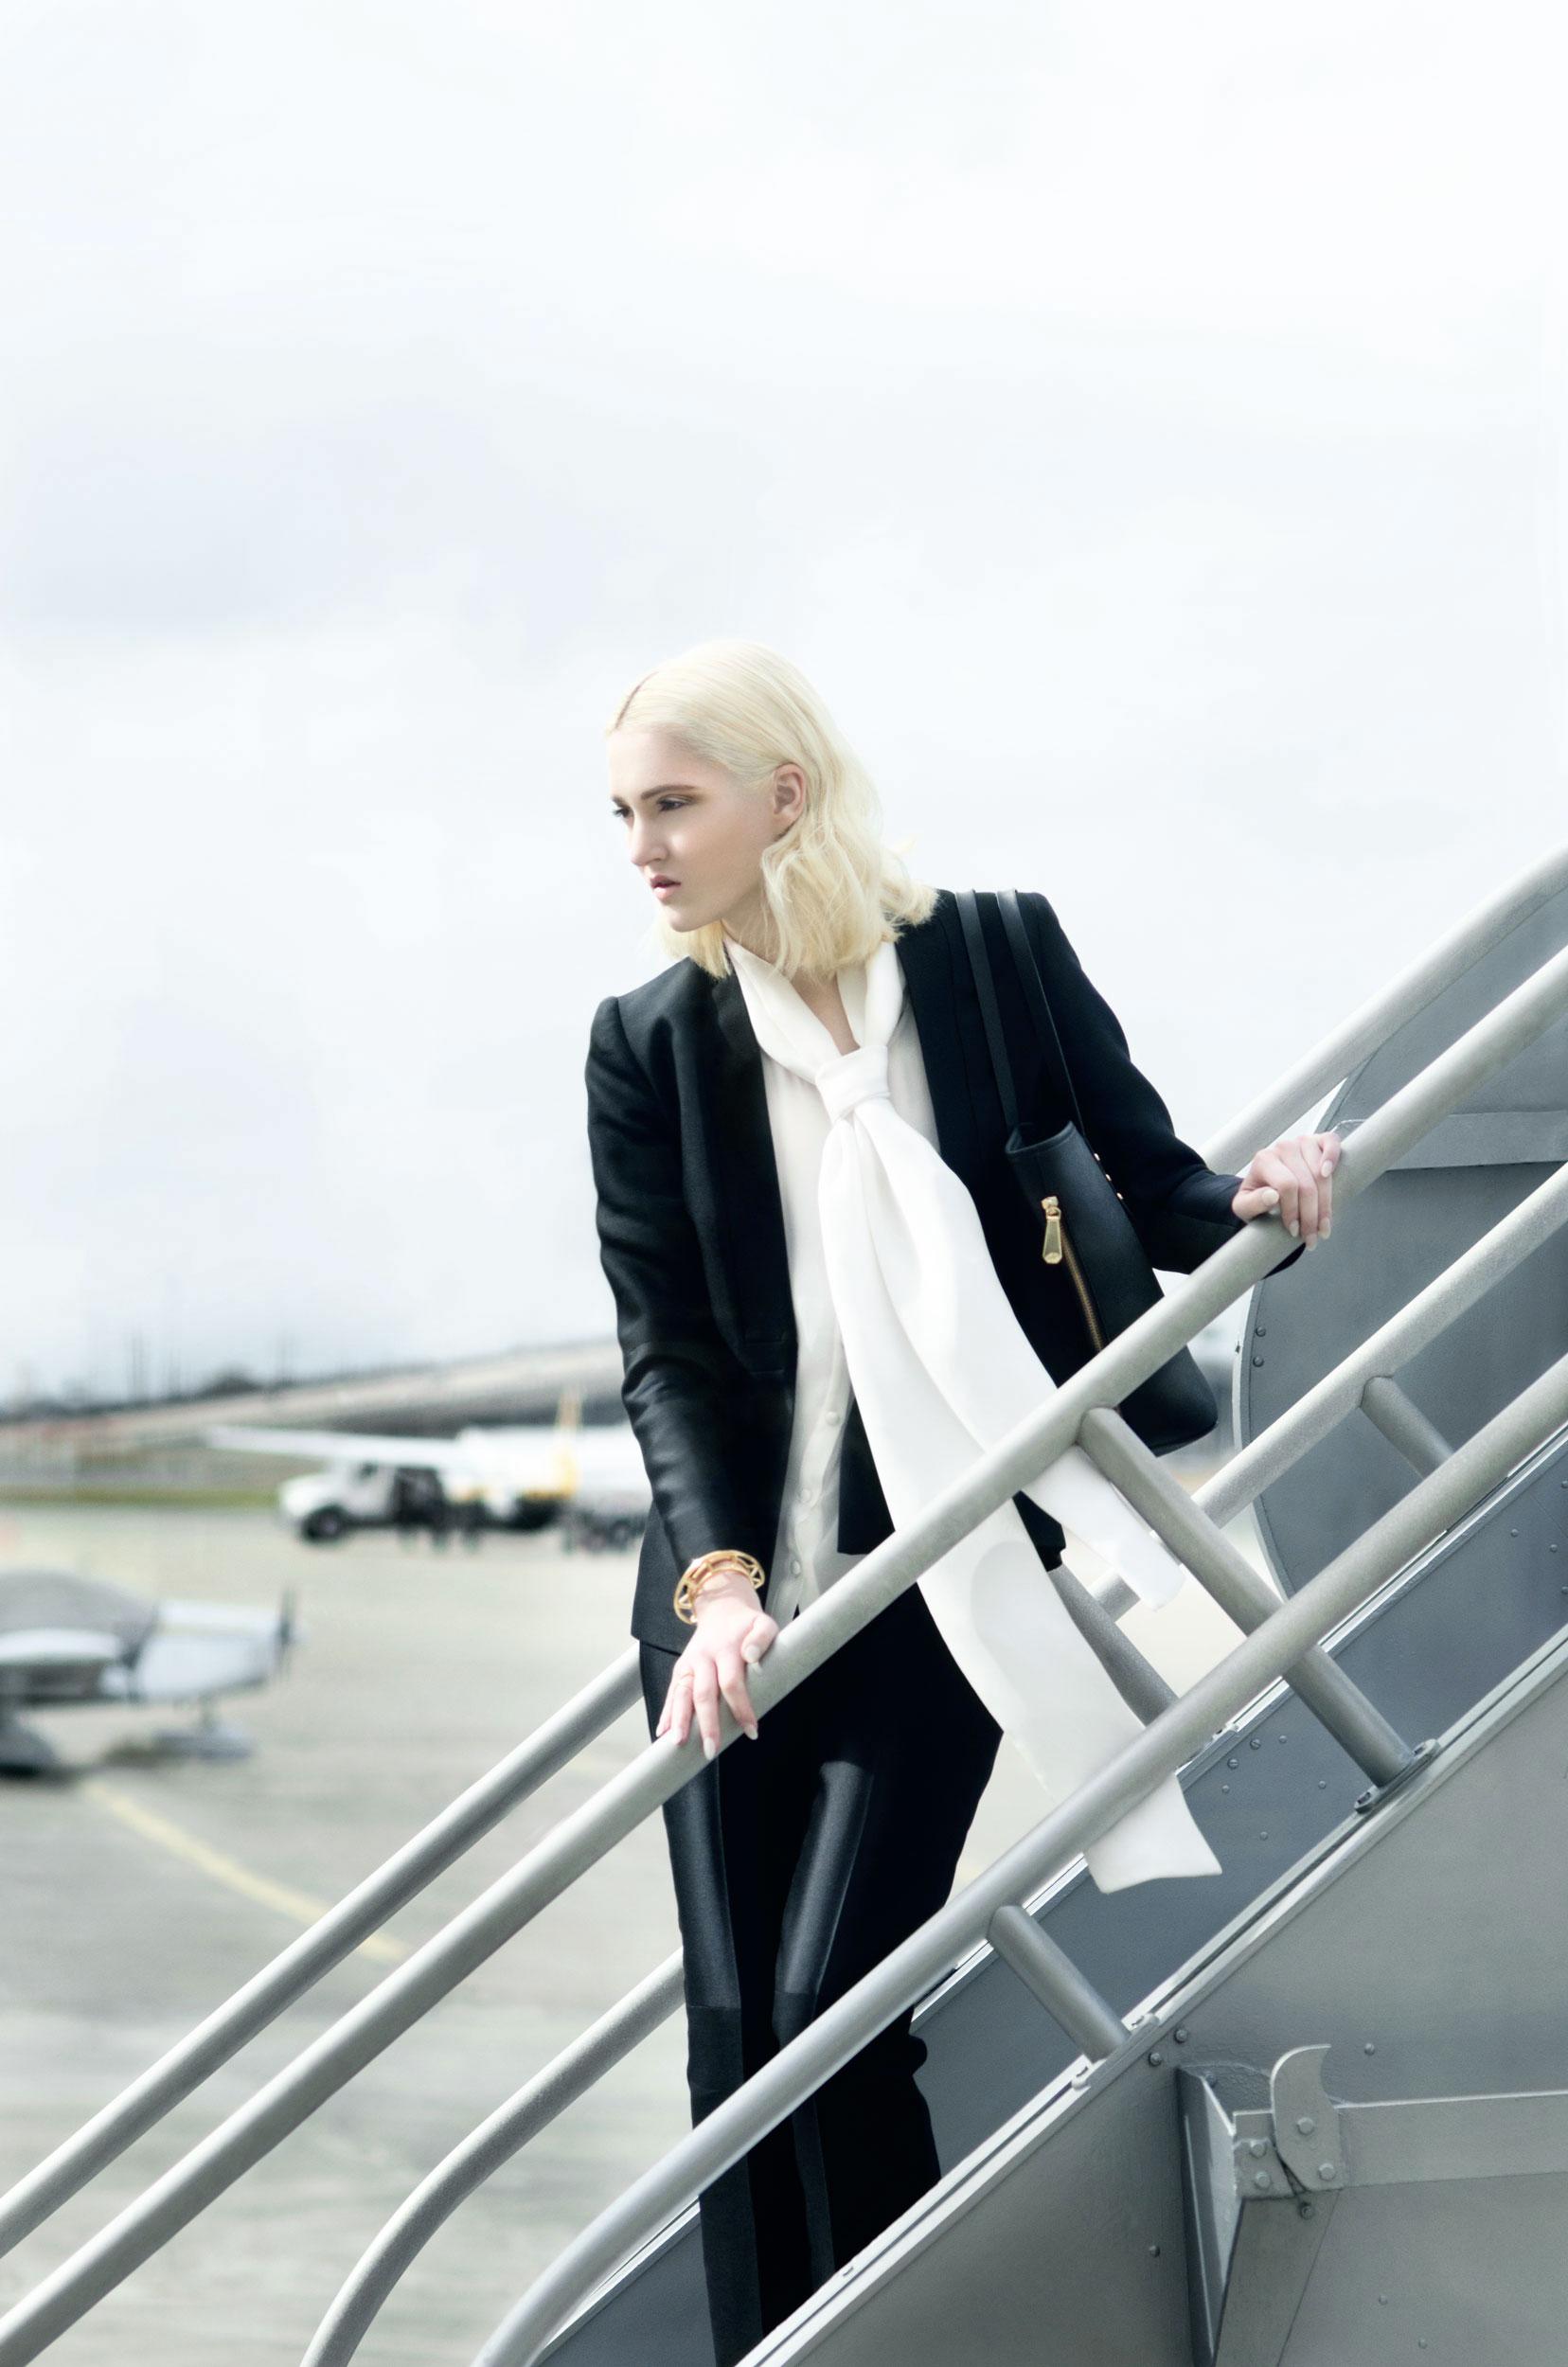 Augusta_Sagnelli_fashion_photographer_new_orleans_12.jpg